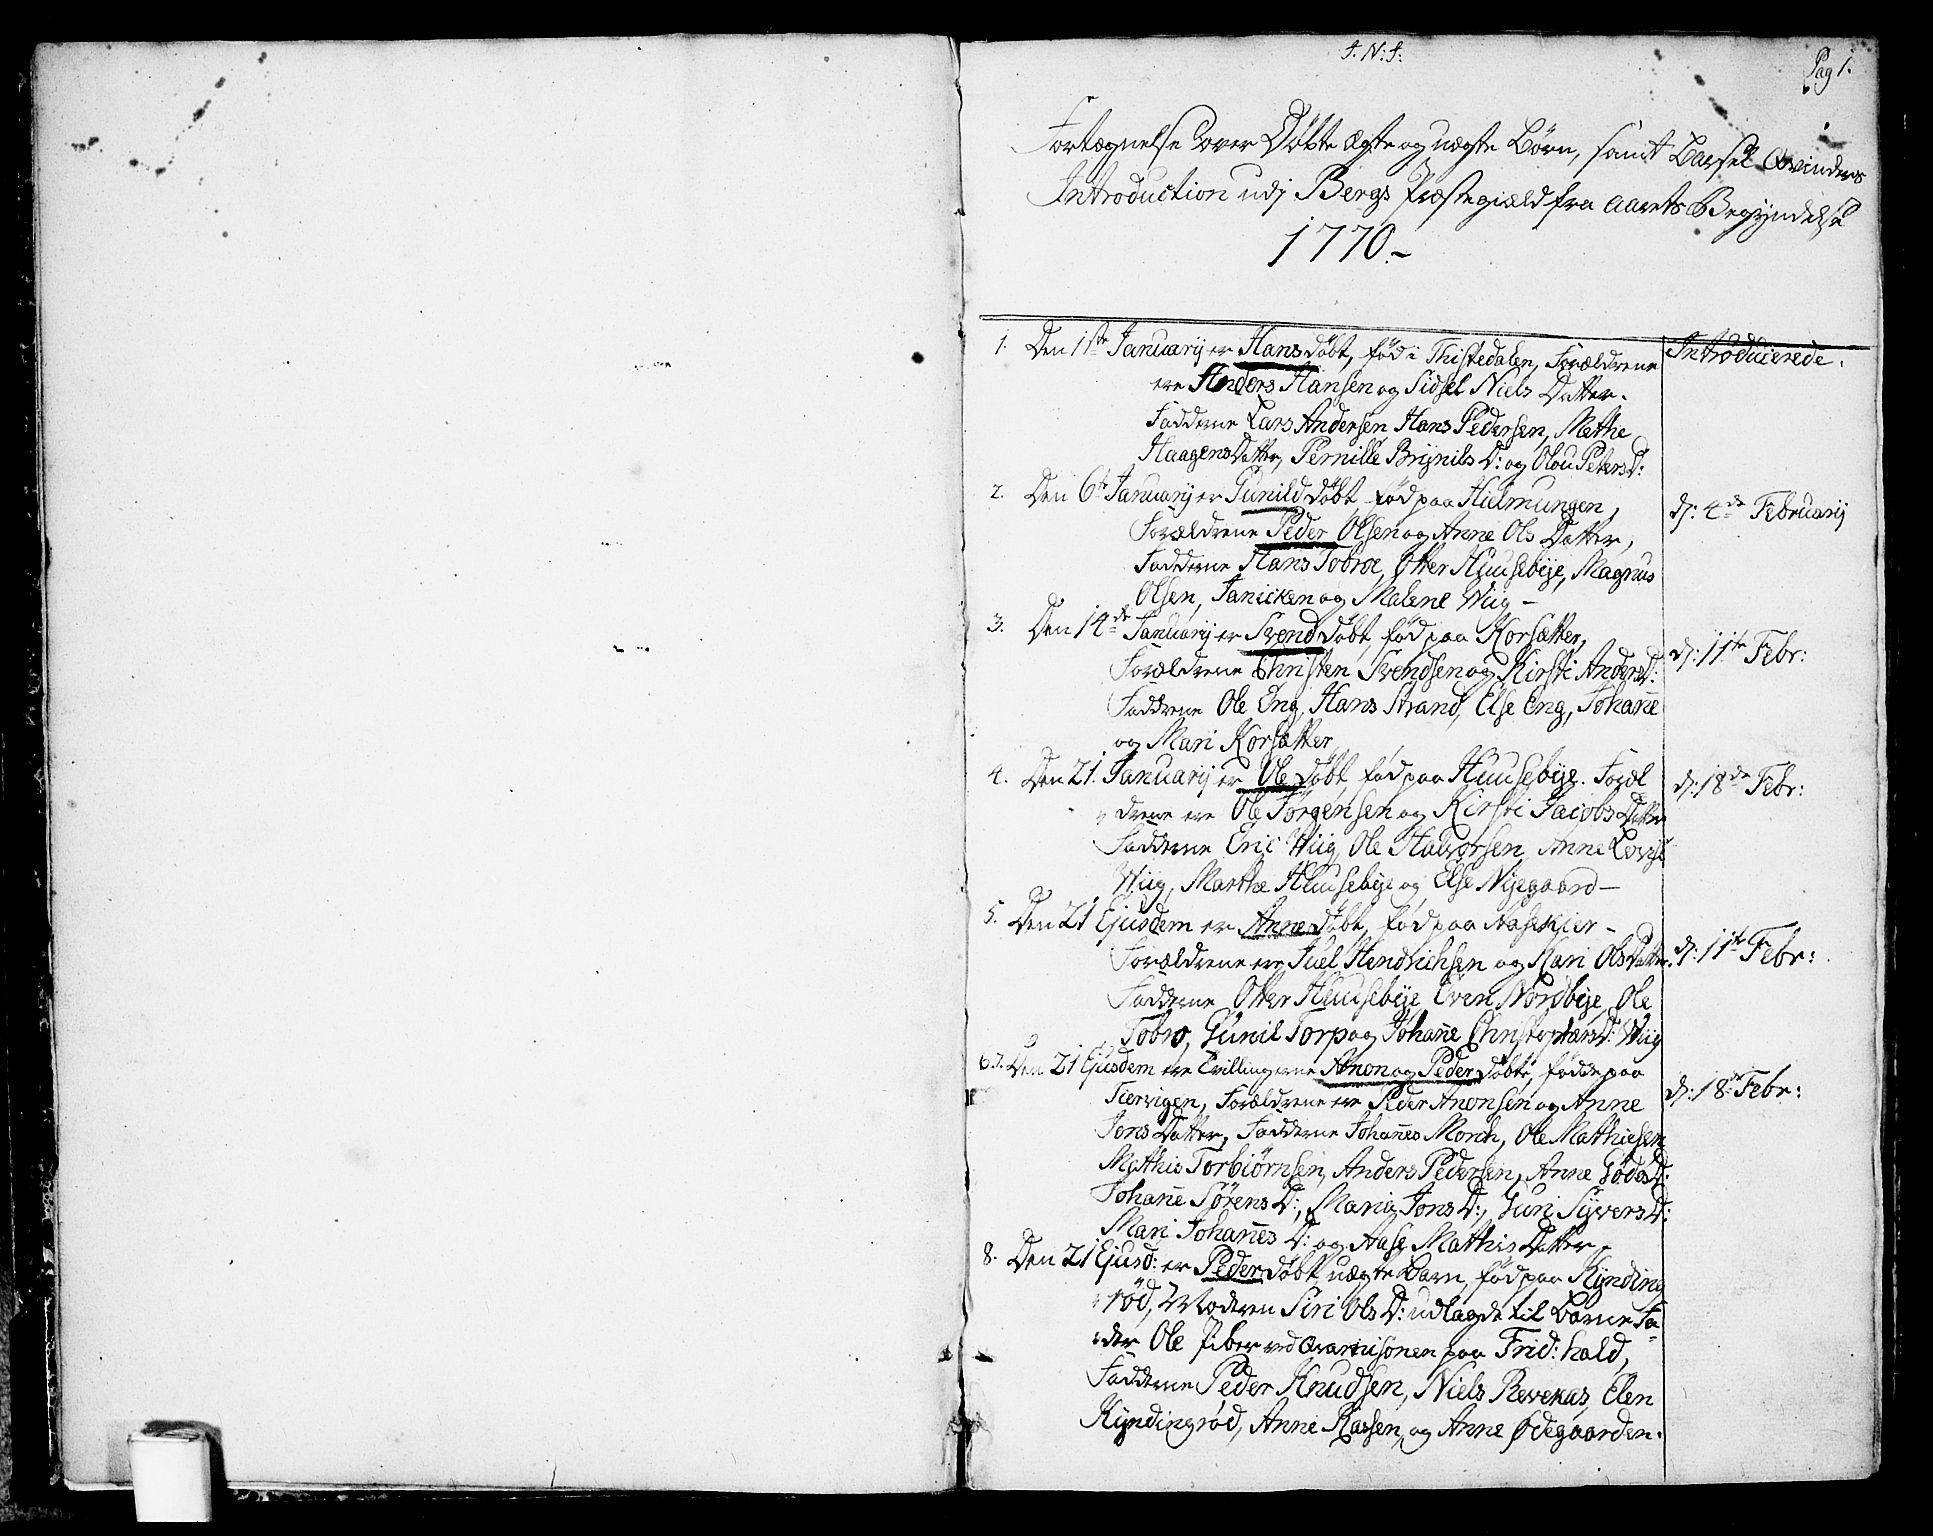 SAO, Berg prestekontor Kirkebøker, F/Fa/L0001: Ministerialbok nr. I 1, 1770-1814, s. 1